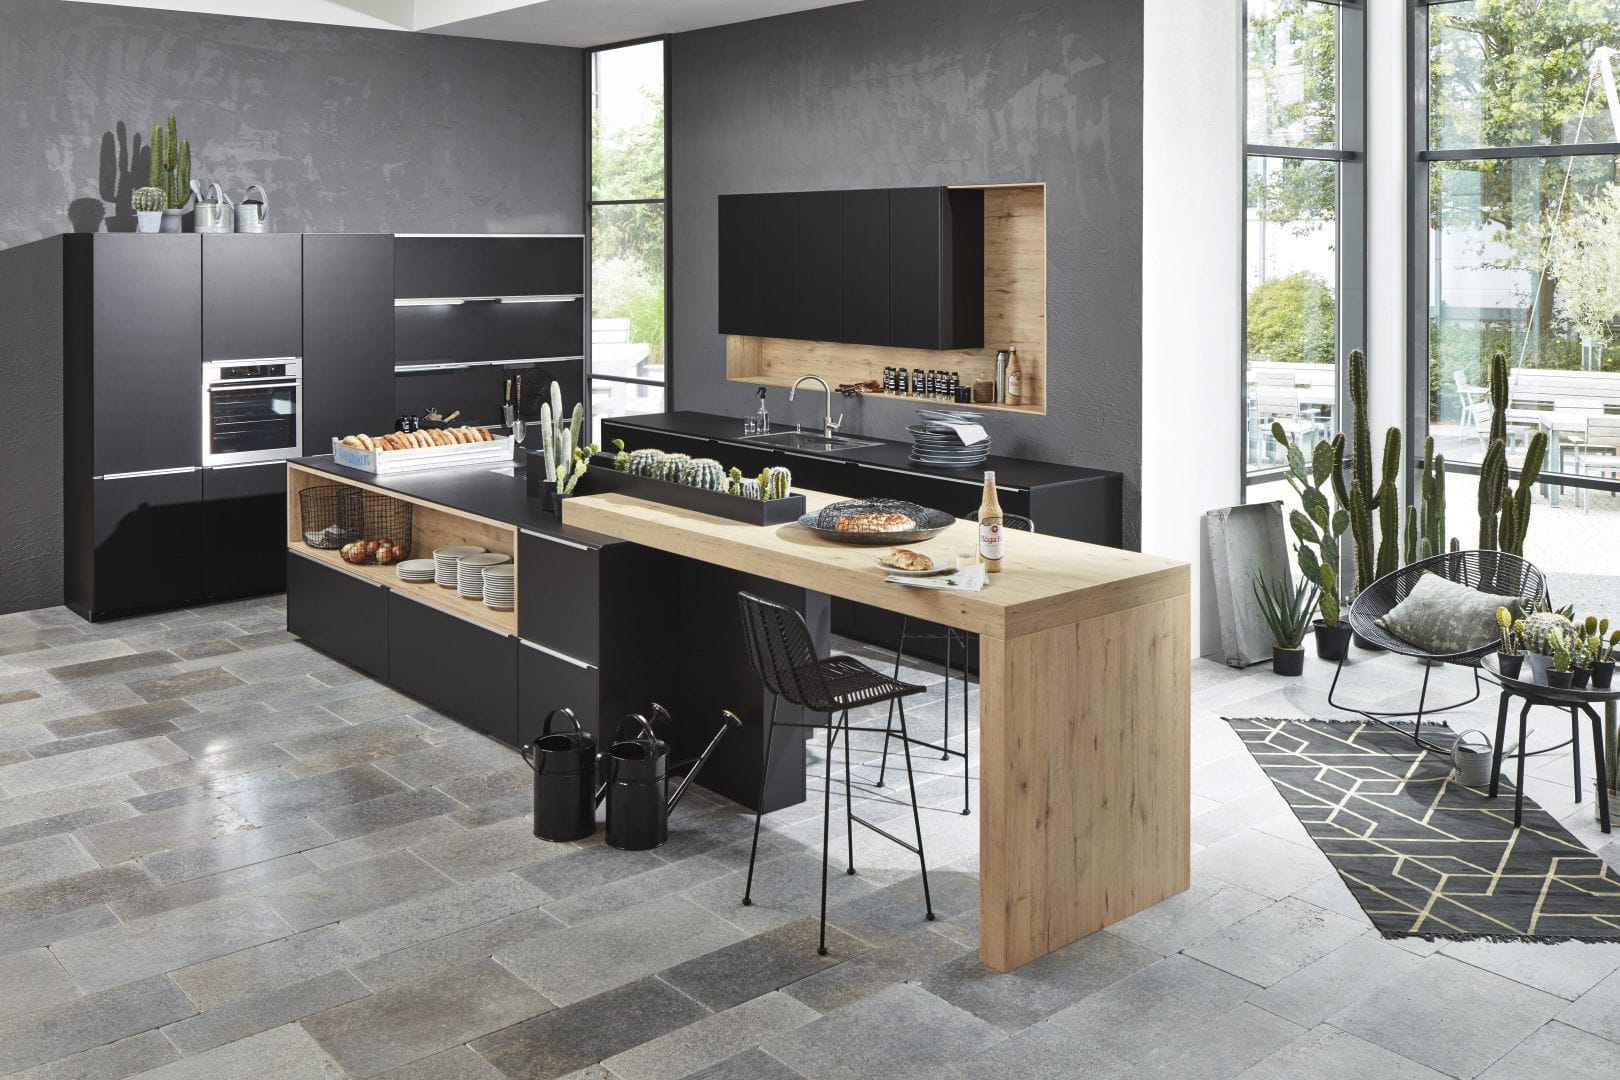 Moderne Küche / Aus Eiche / Lackiertes Holz / Kochinsel